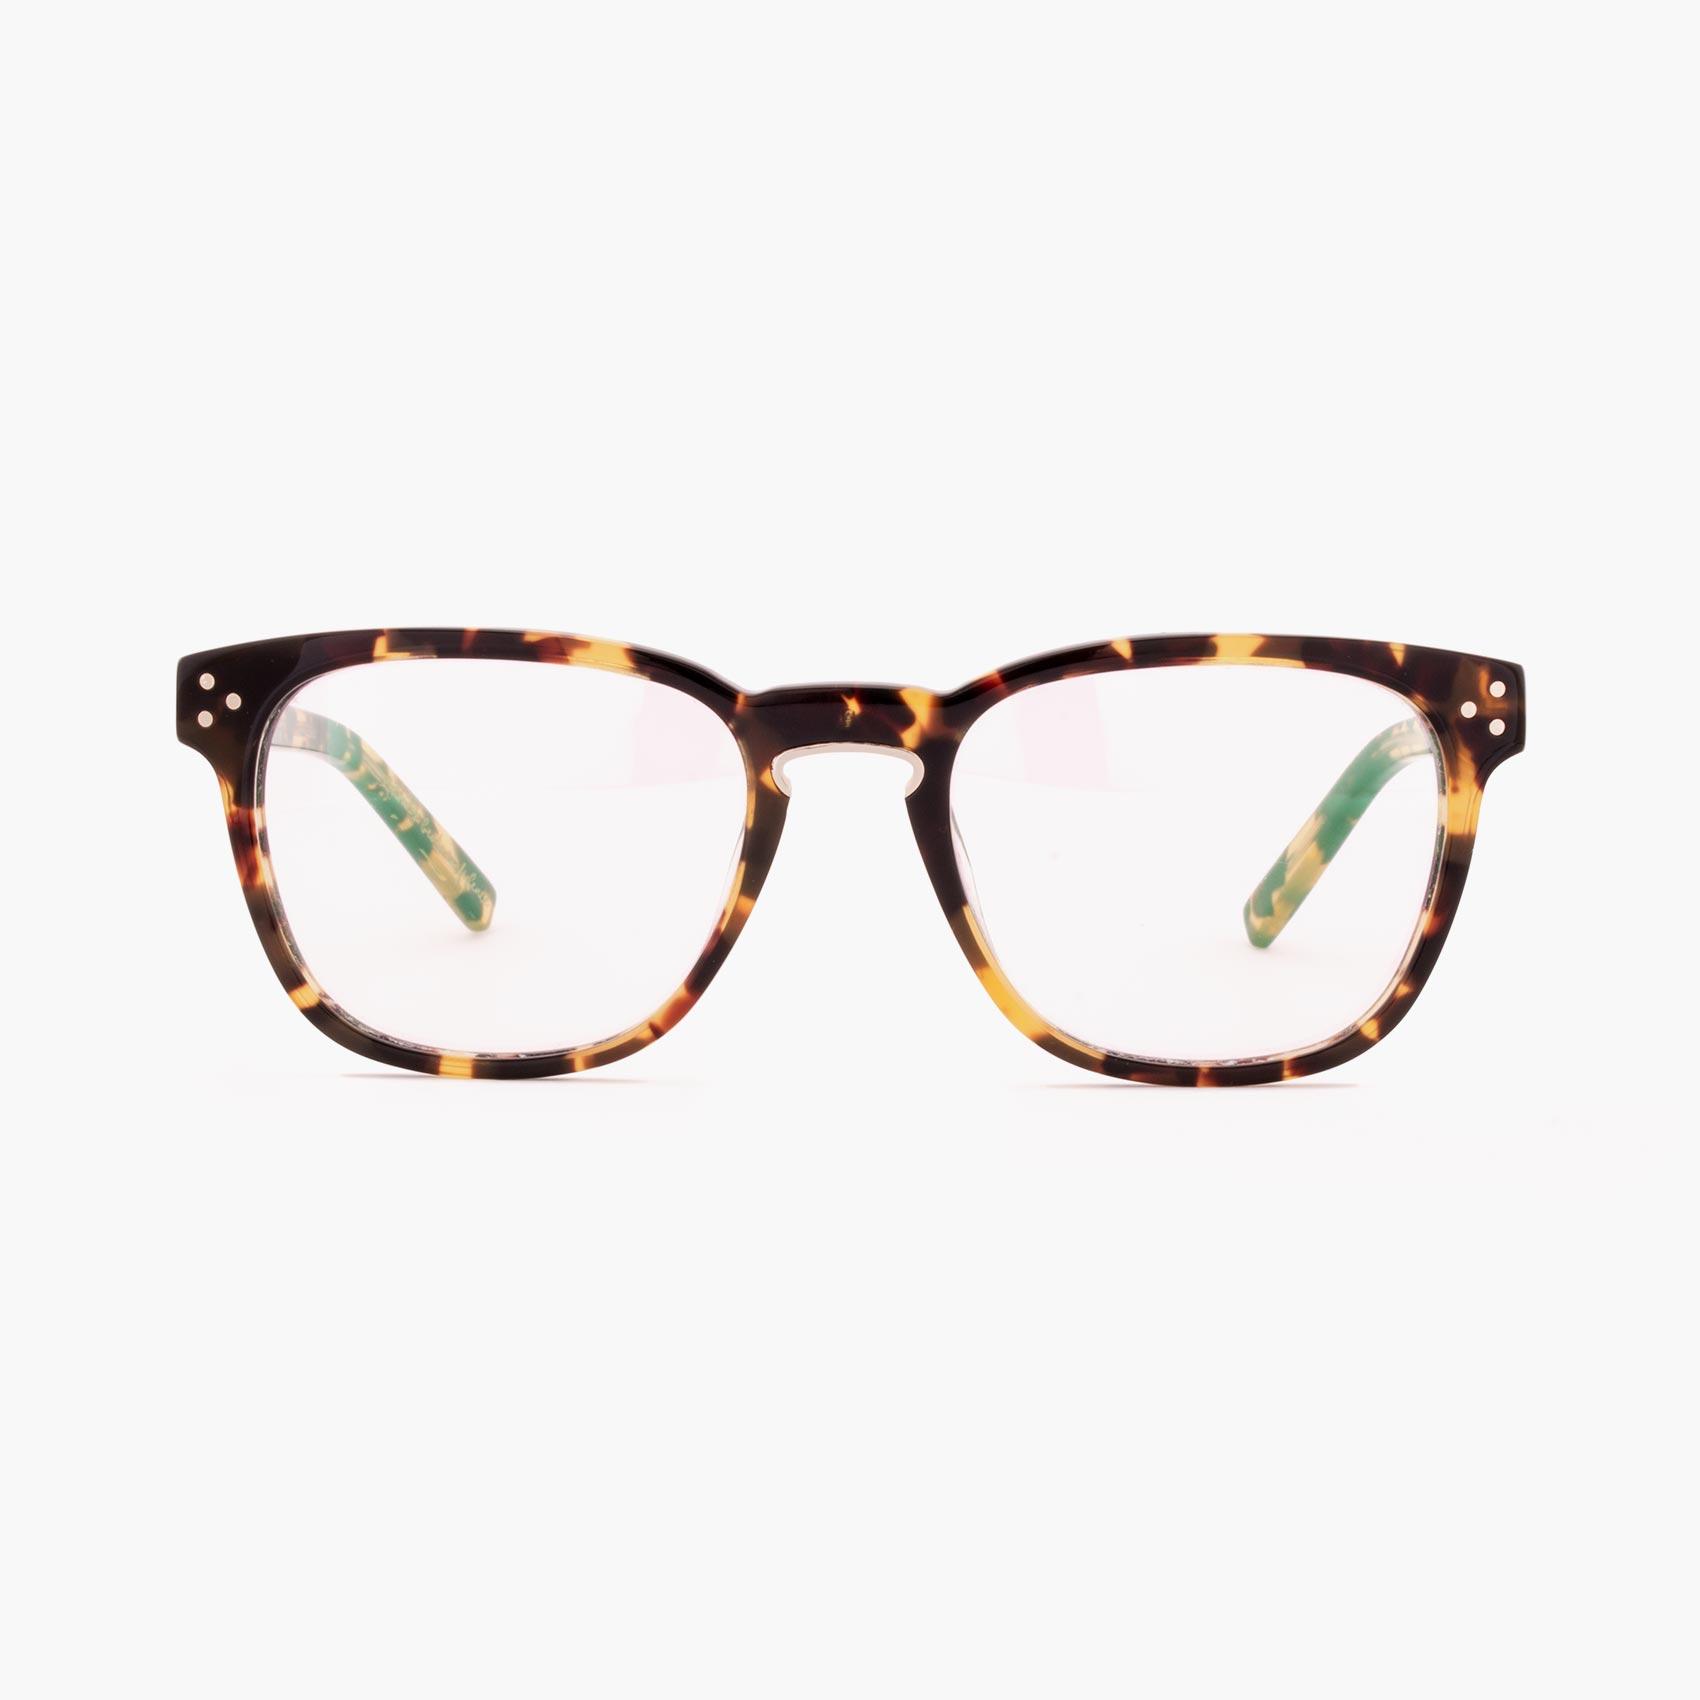 Firth gafas con puente de herradura en color havana